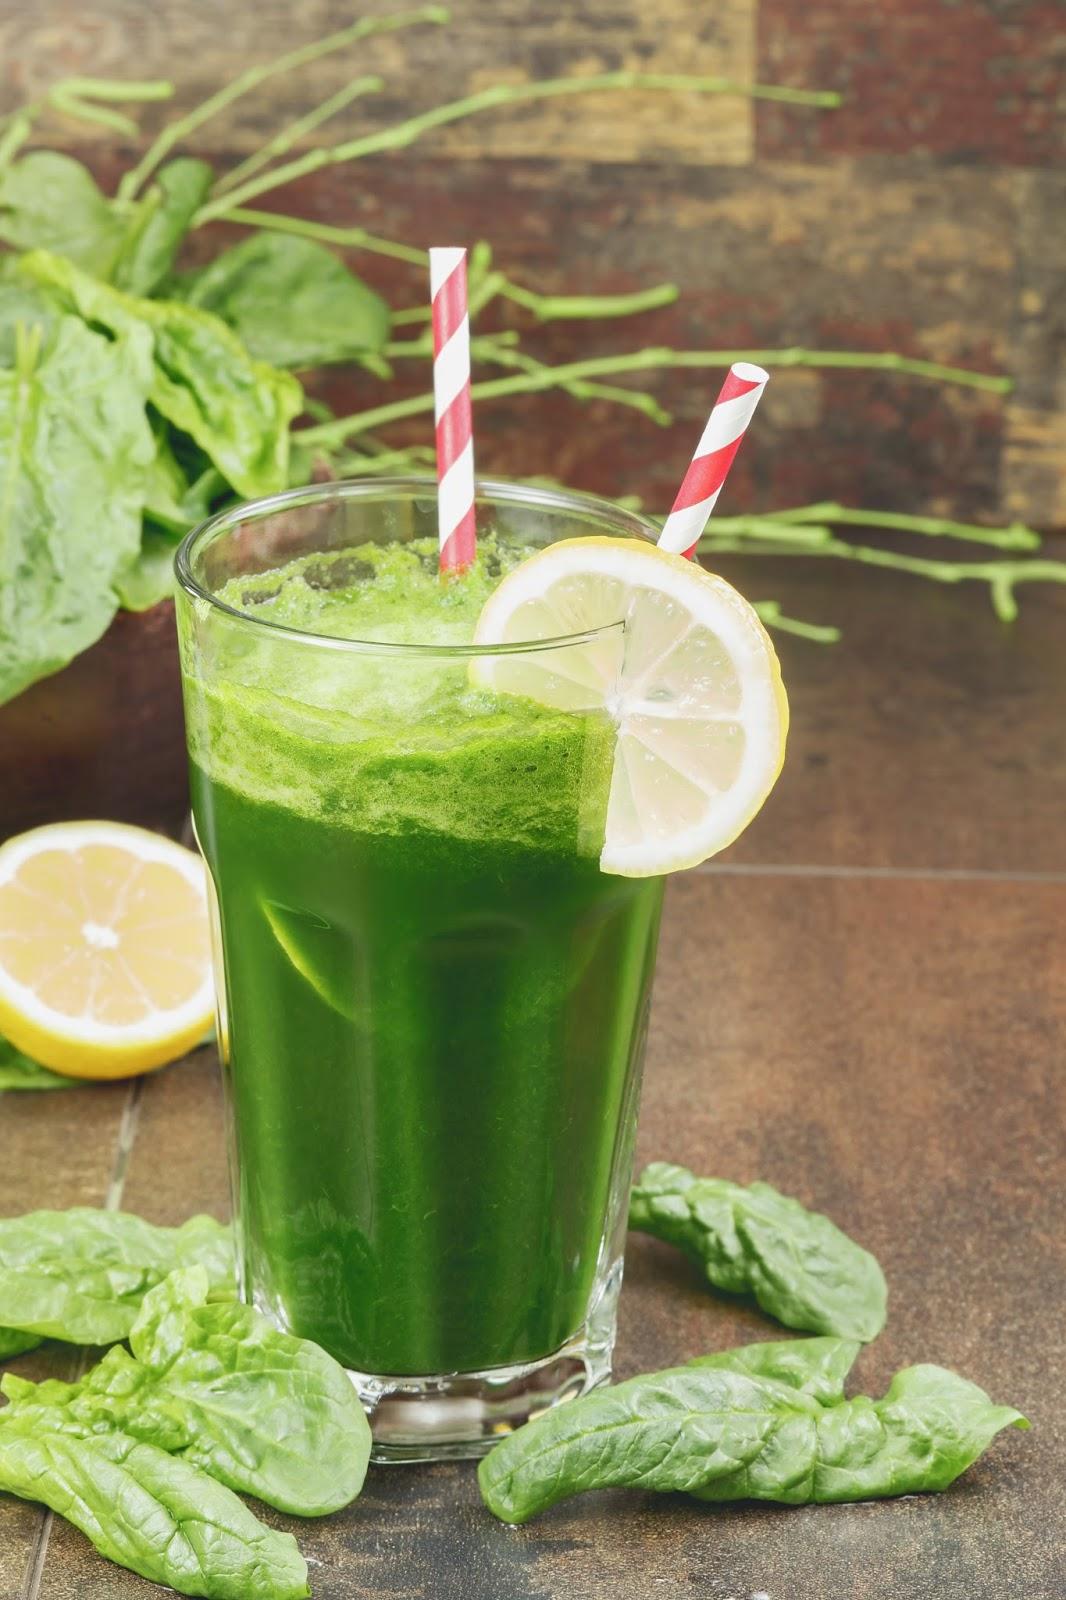 Zelf groene smoothies maken: spinazie - banaan - avocado                    Hennepzaad & Hennepzaadolie